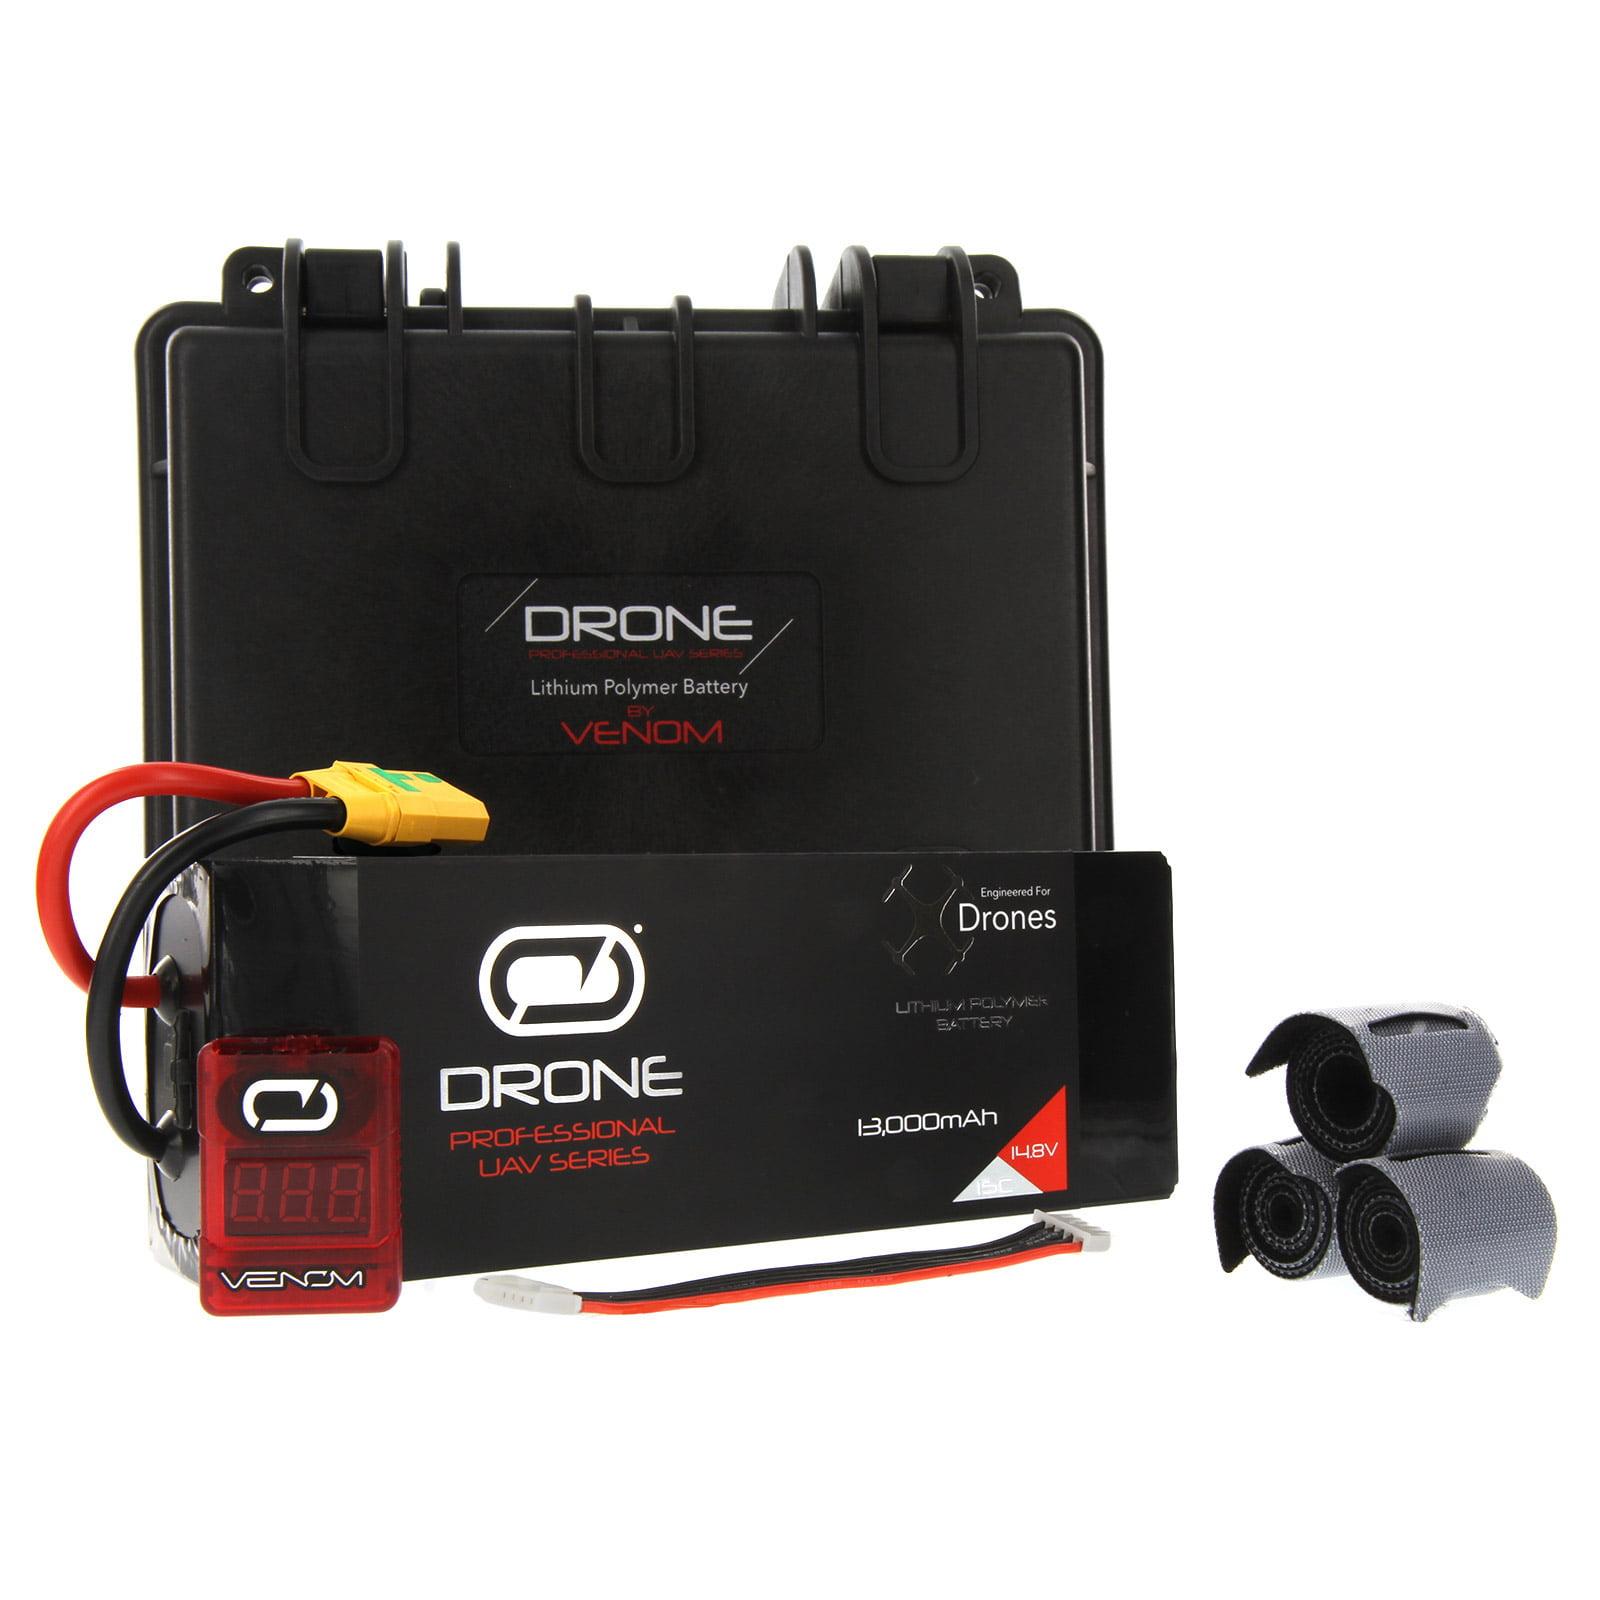 Tarot Iron Man 650 15C 4S 13000mAh 14.8V LiPo Drone Pro Battery by Venom